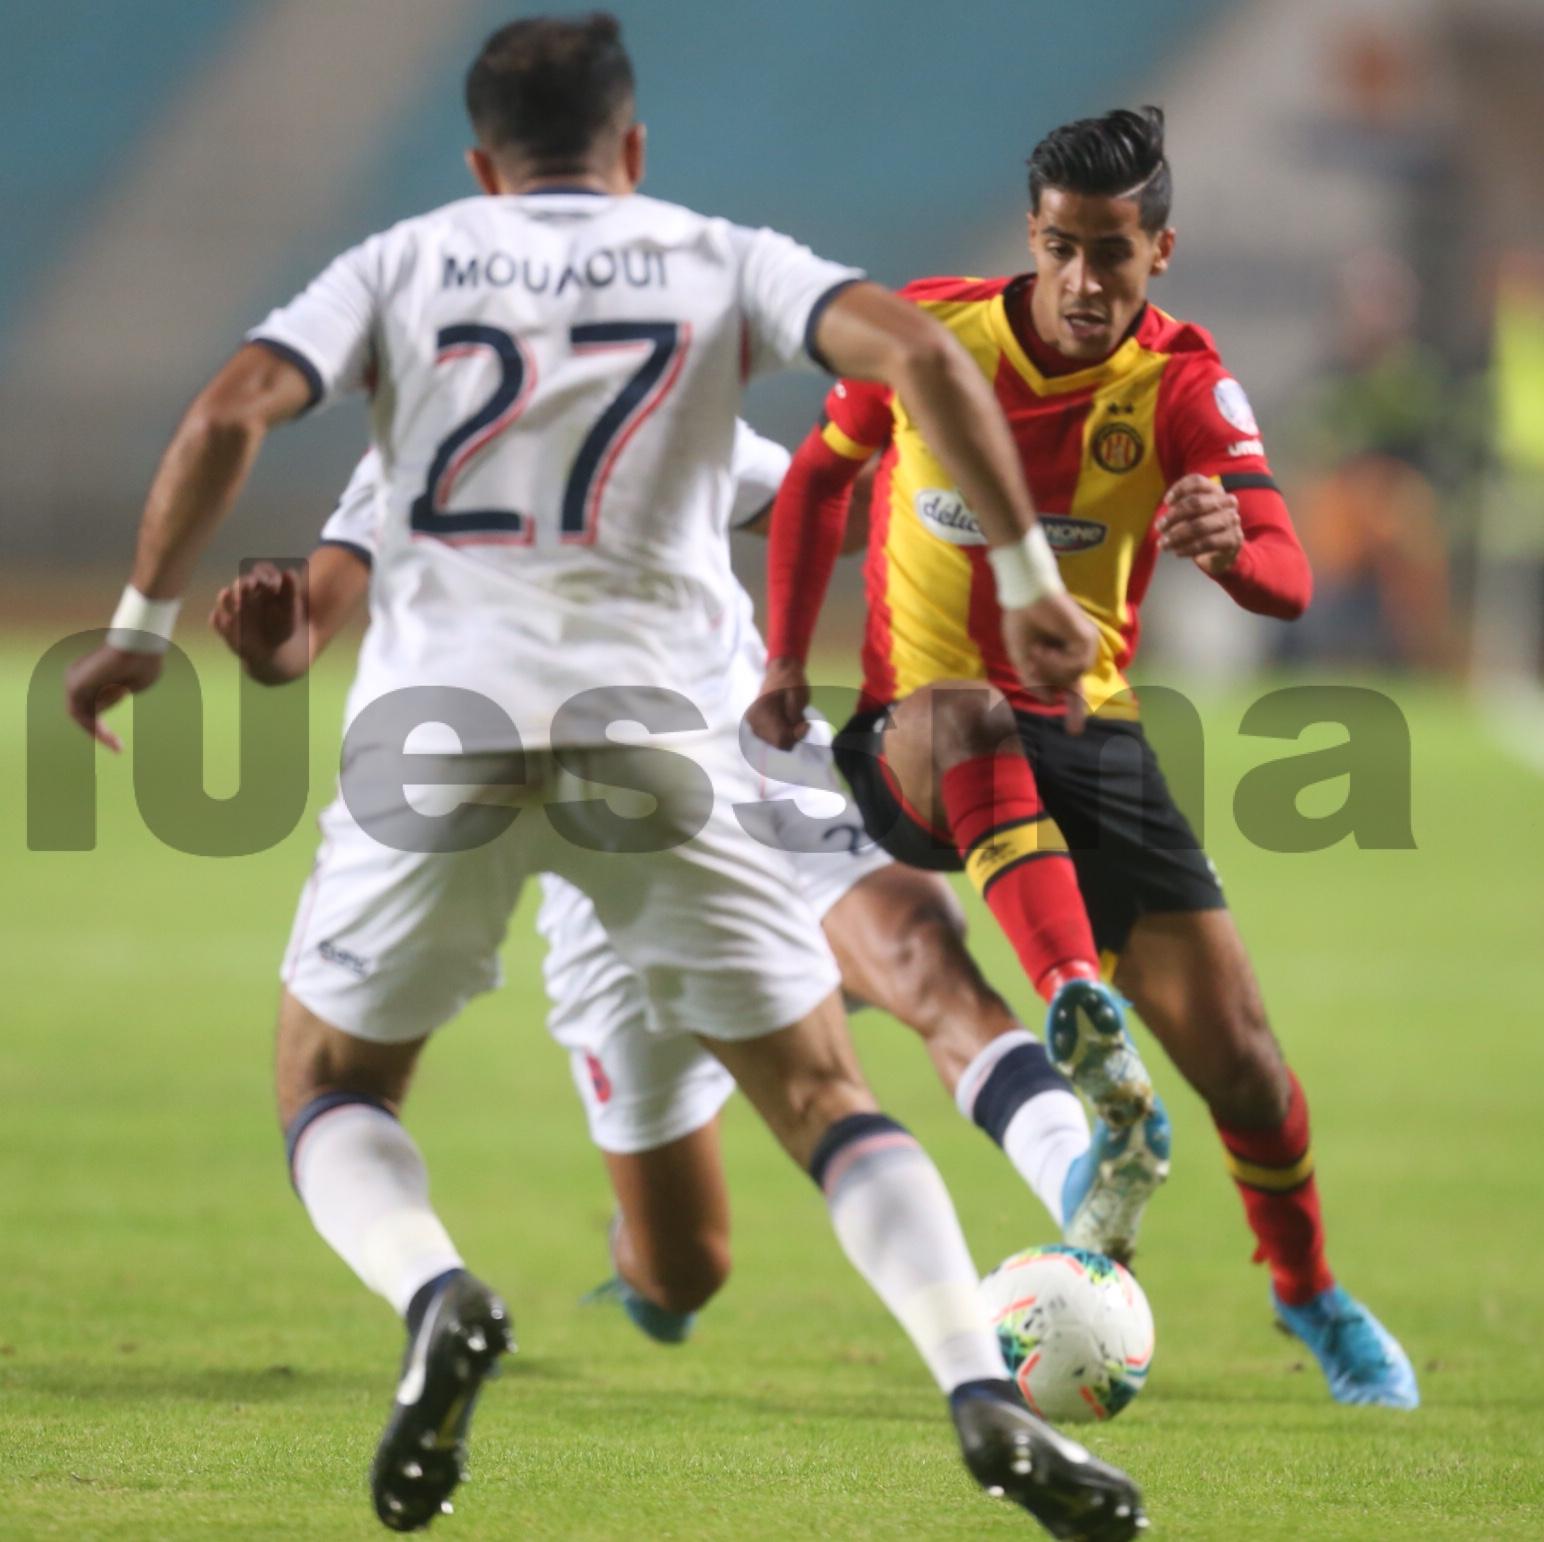 صور الشوط الثاني لمواجهة الترجي الرياضي التونسي ونادي أولمبيك أسفي المغربي